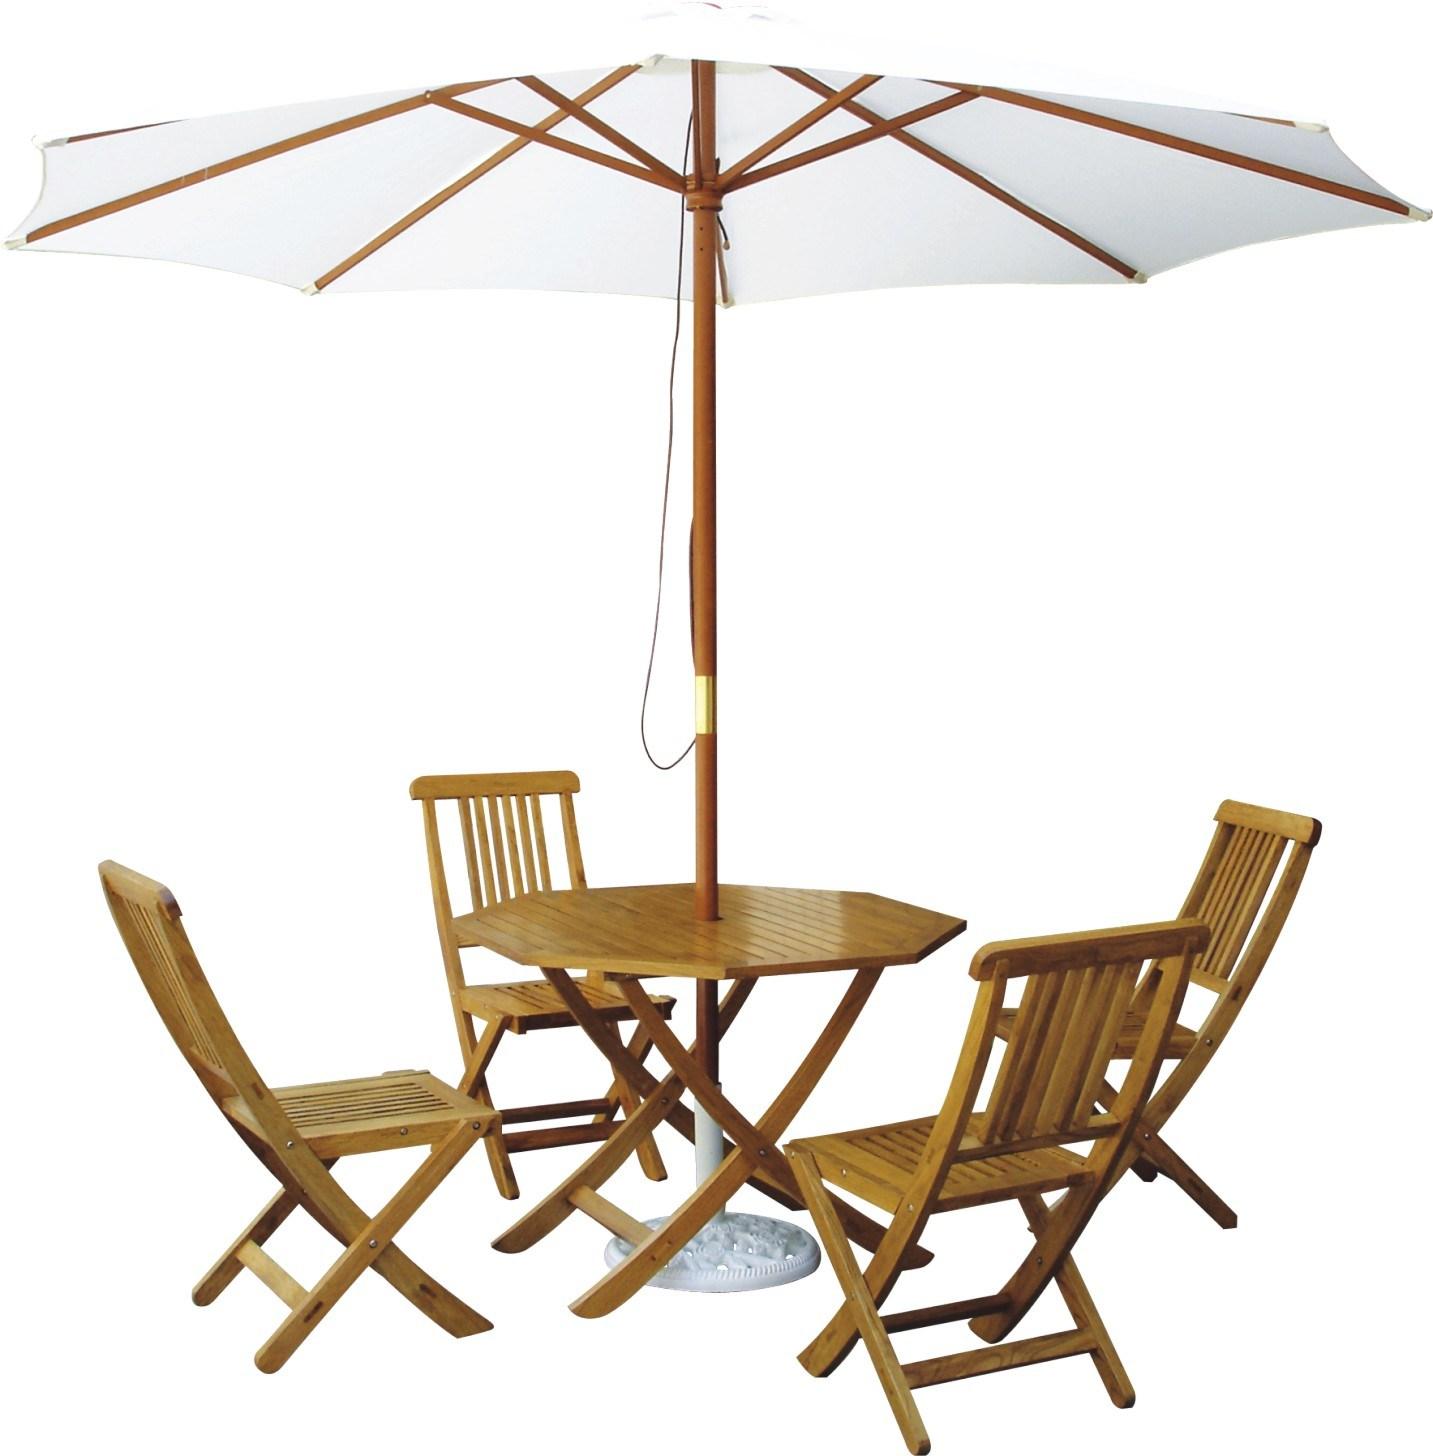 Japanese garden umbrellas - Outdoor Garden and Patio Furniture